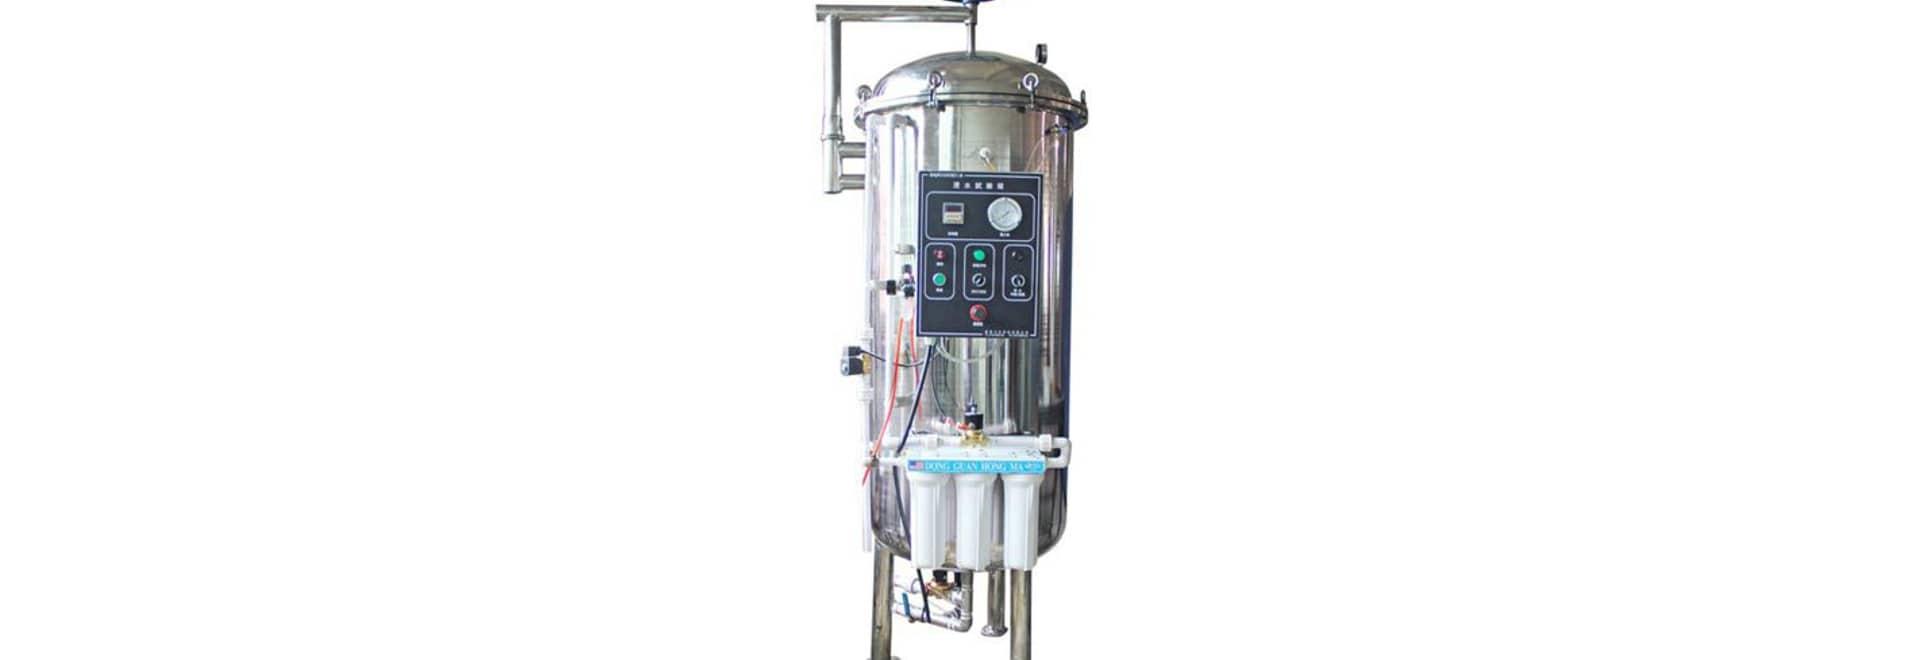 IPX7, chambre d'essai d'immersion de l'eau IPX8